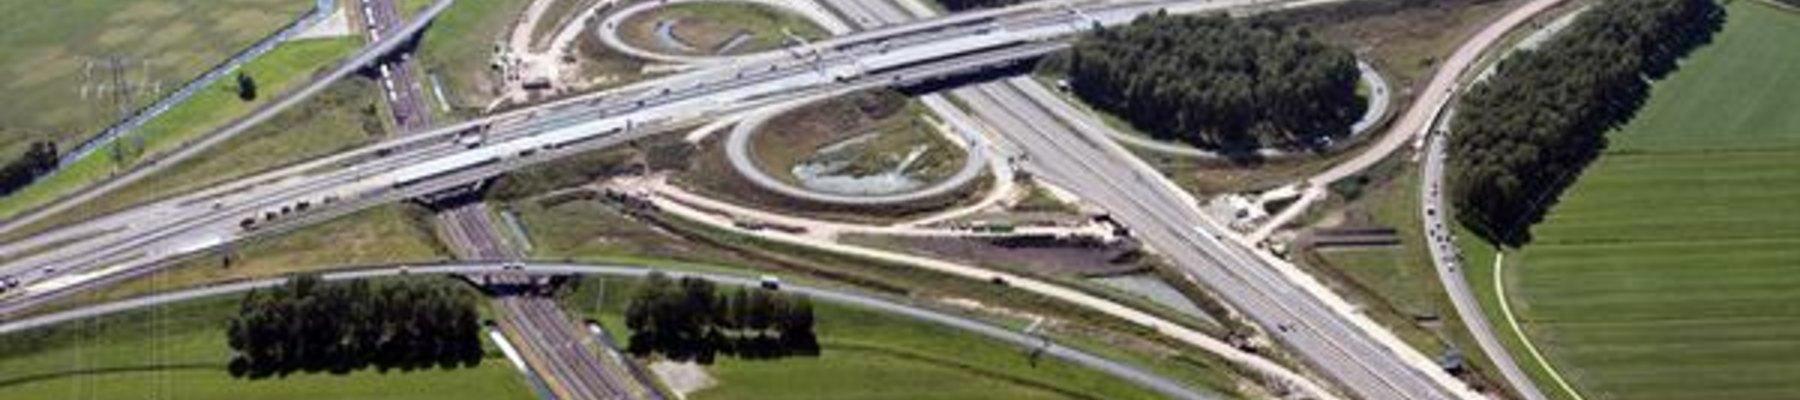 Groot onderhoud aan de A15 (17 okt. tot en met 2 dec.)